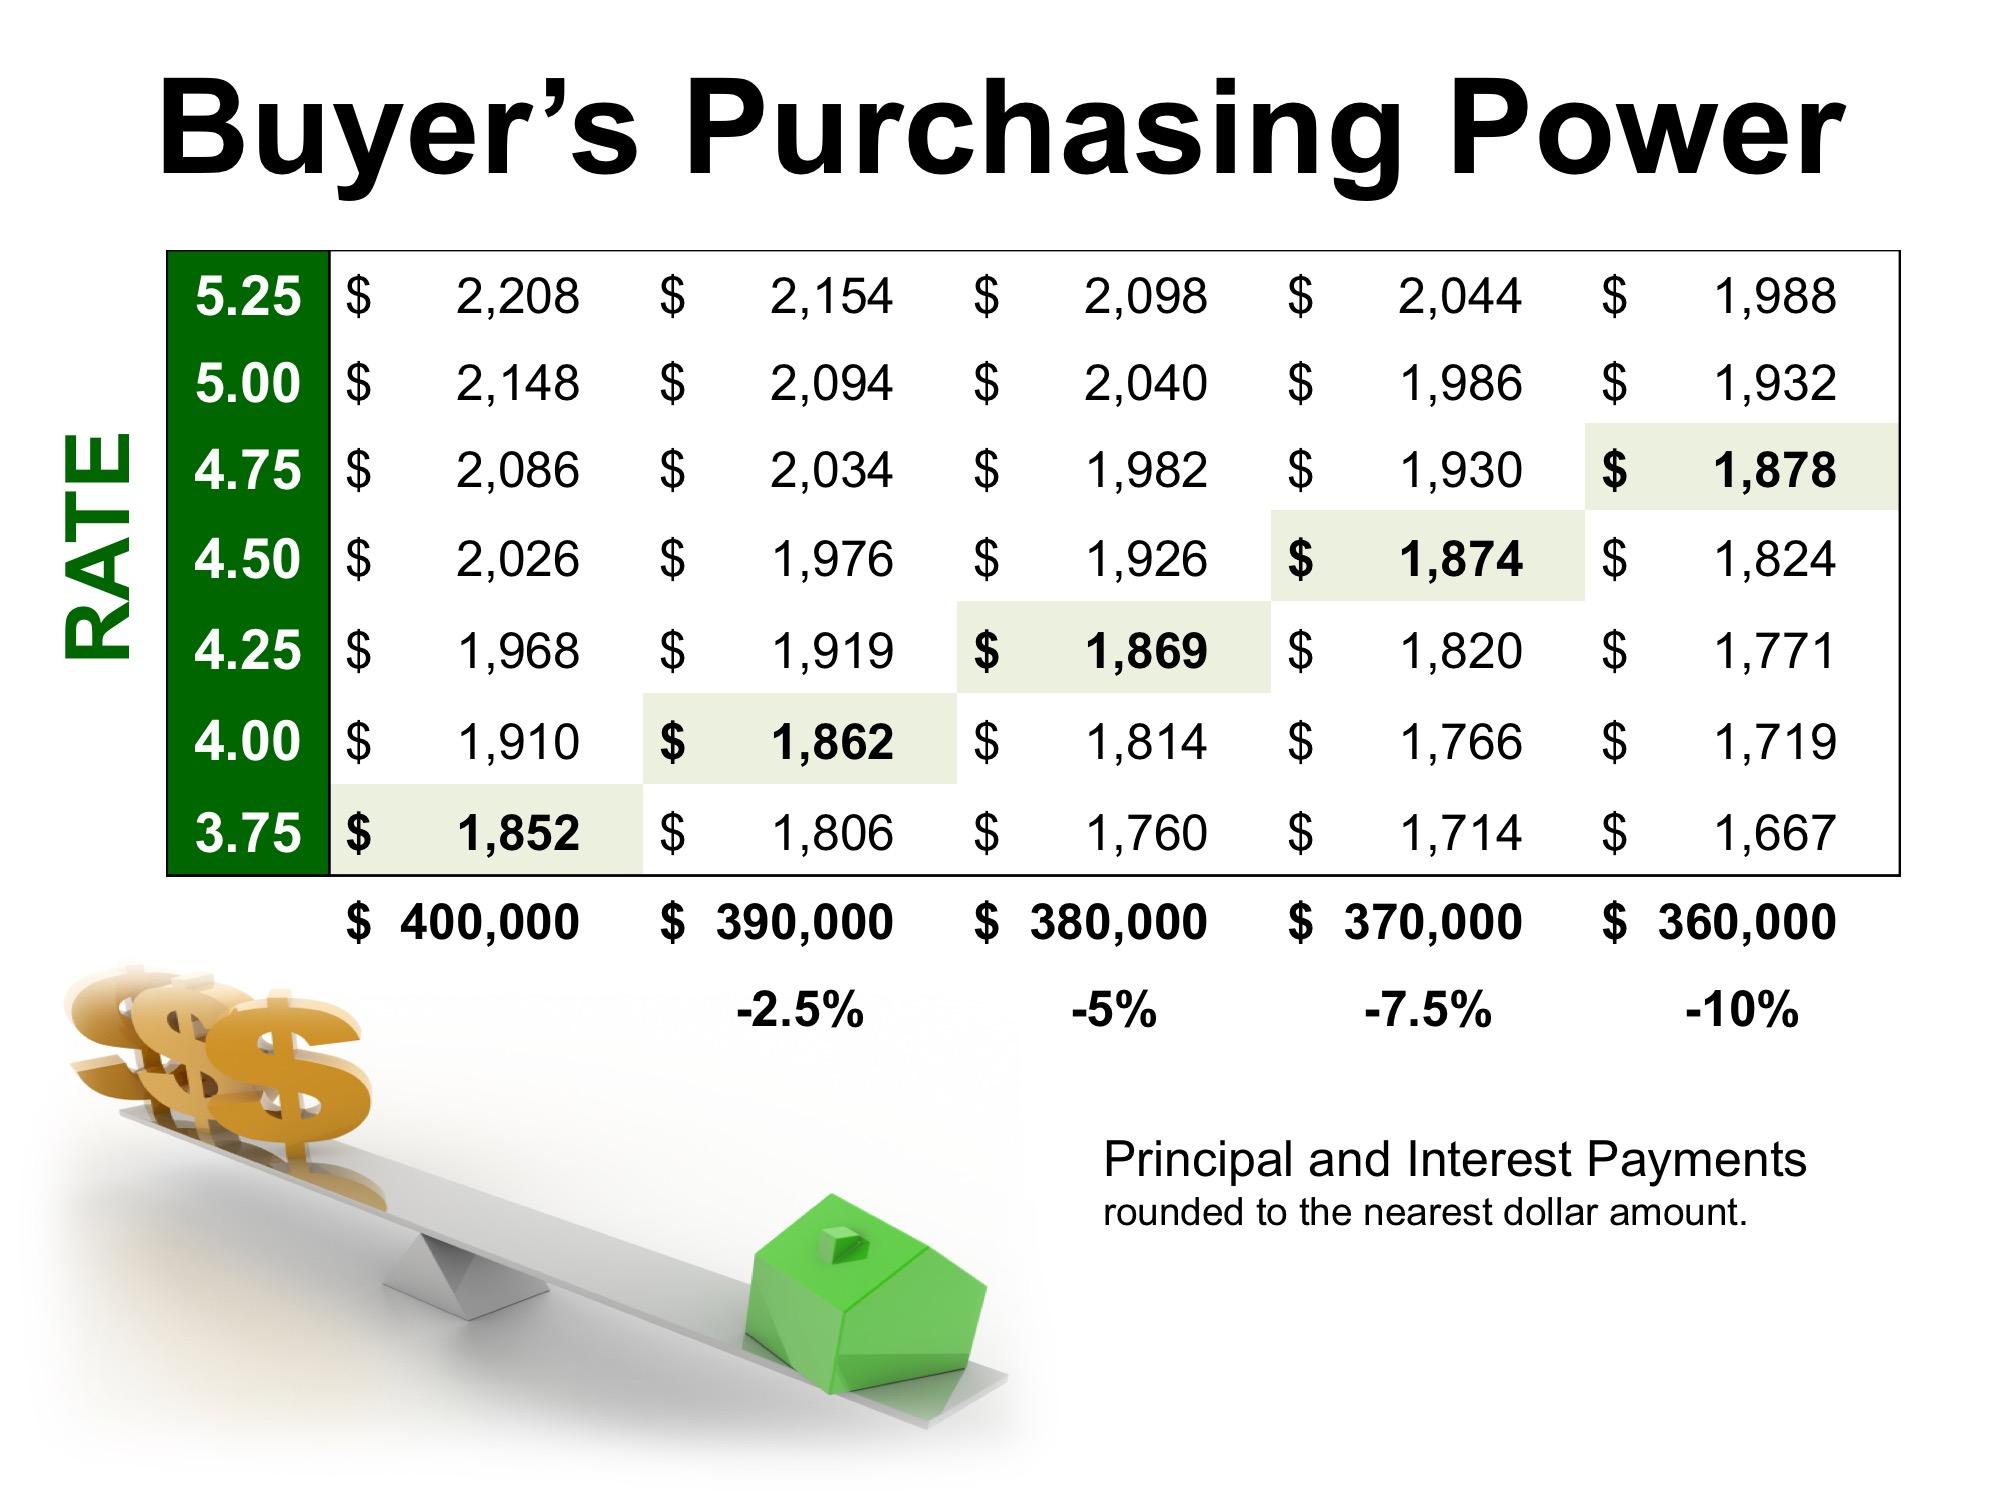 Homebuyers Purchasing Power